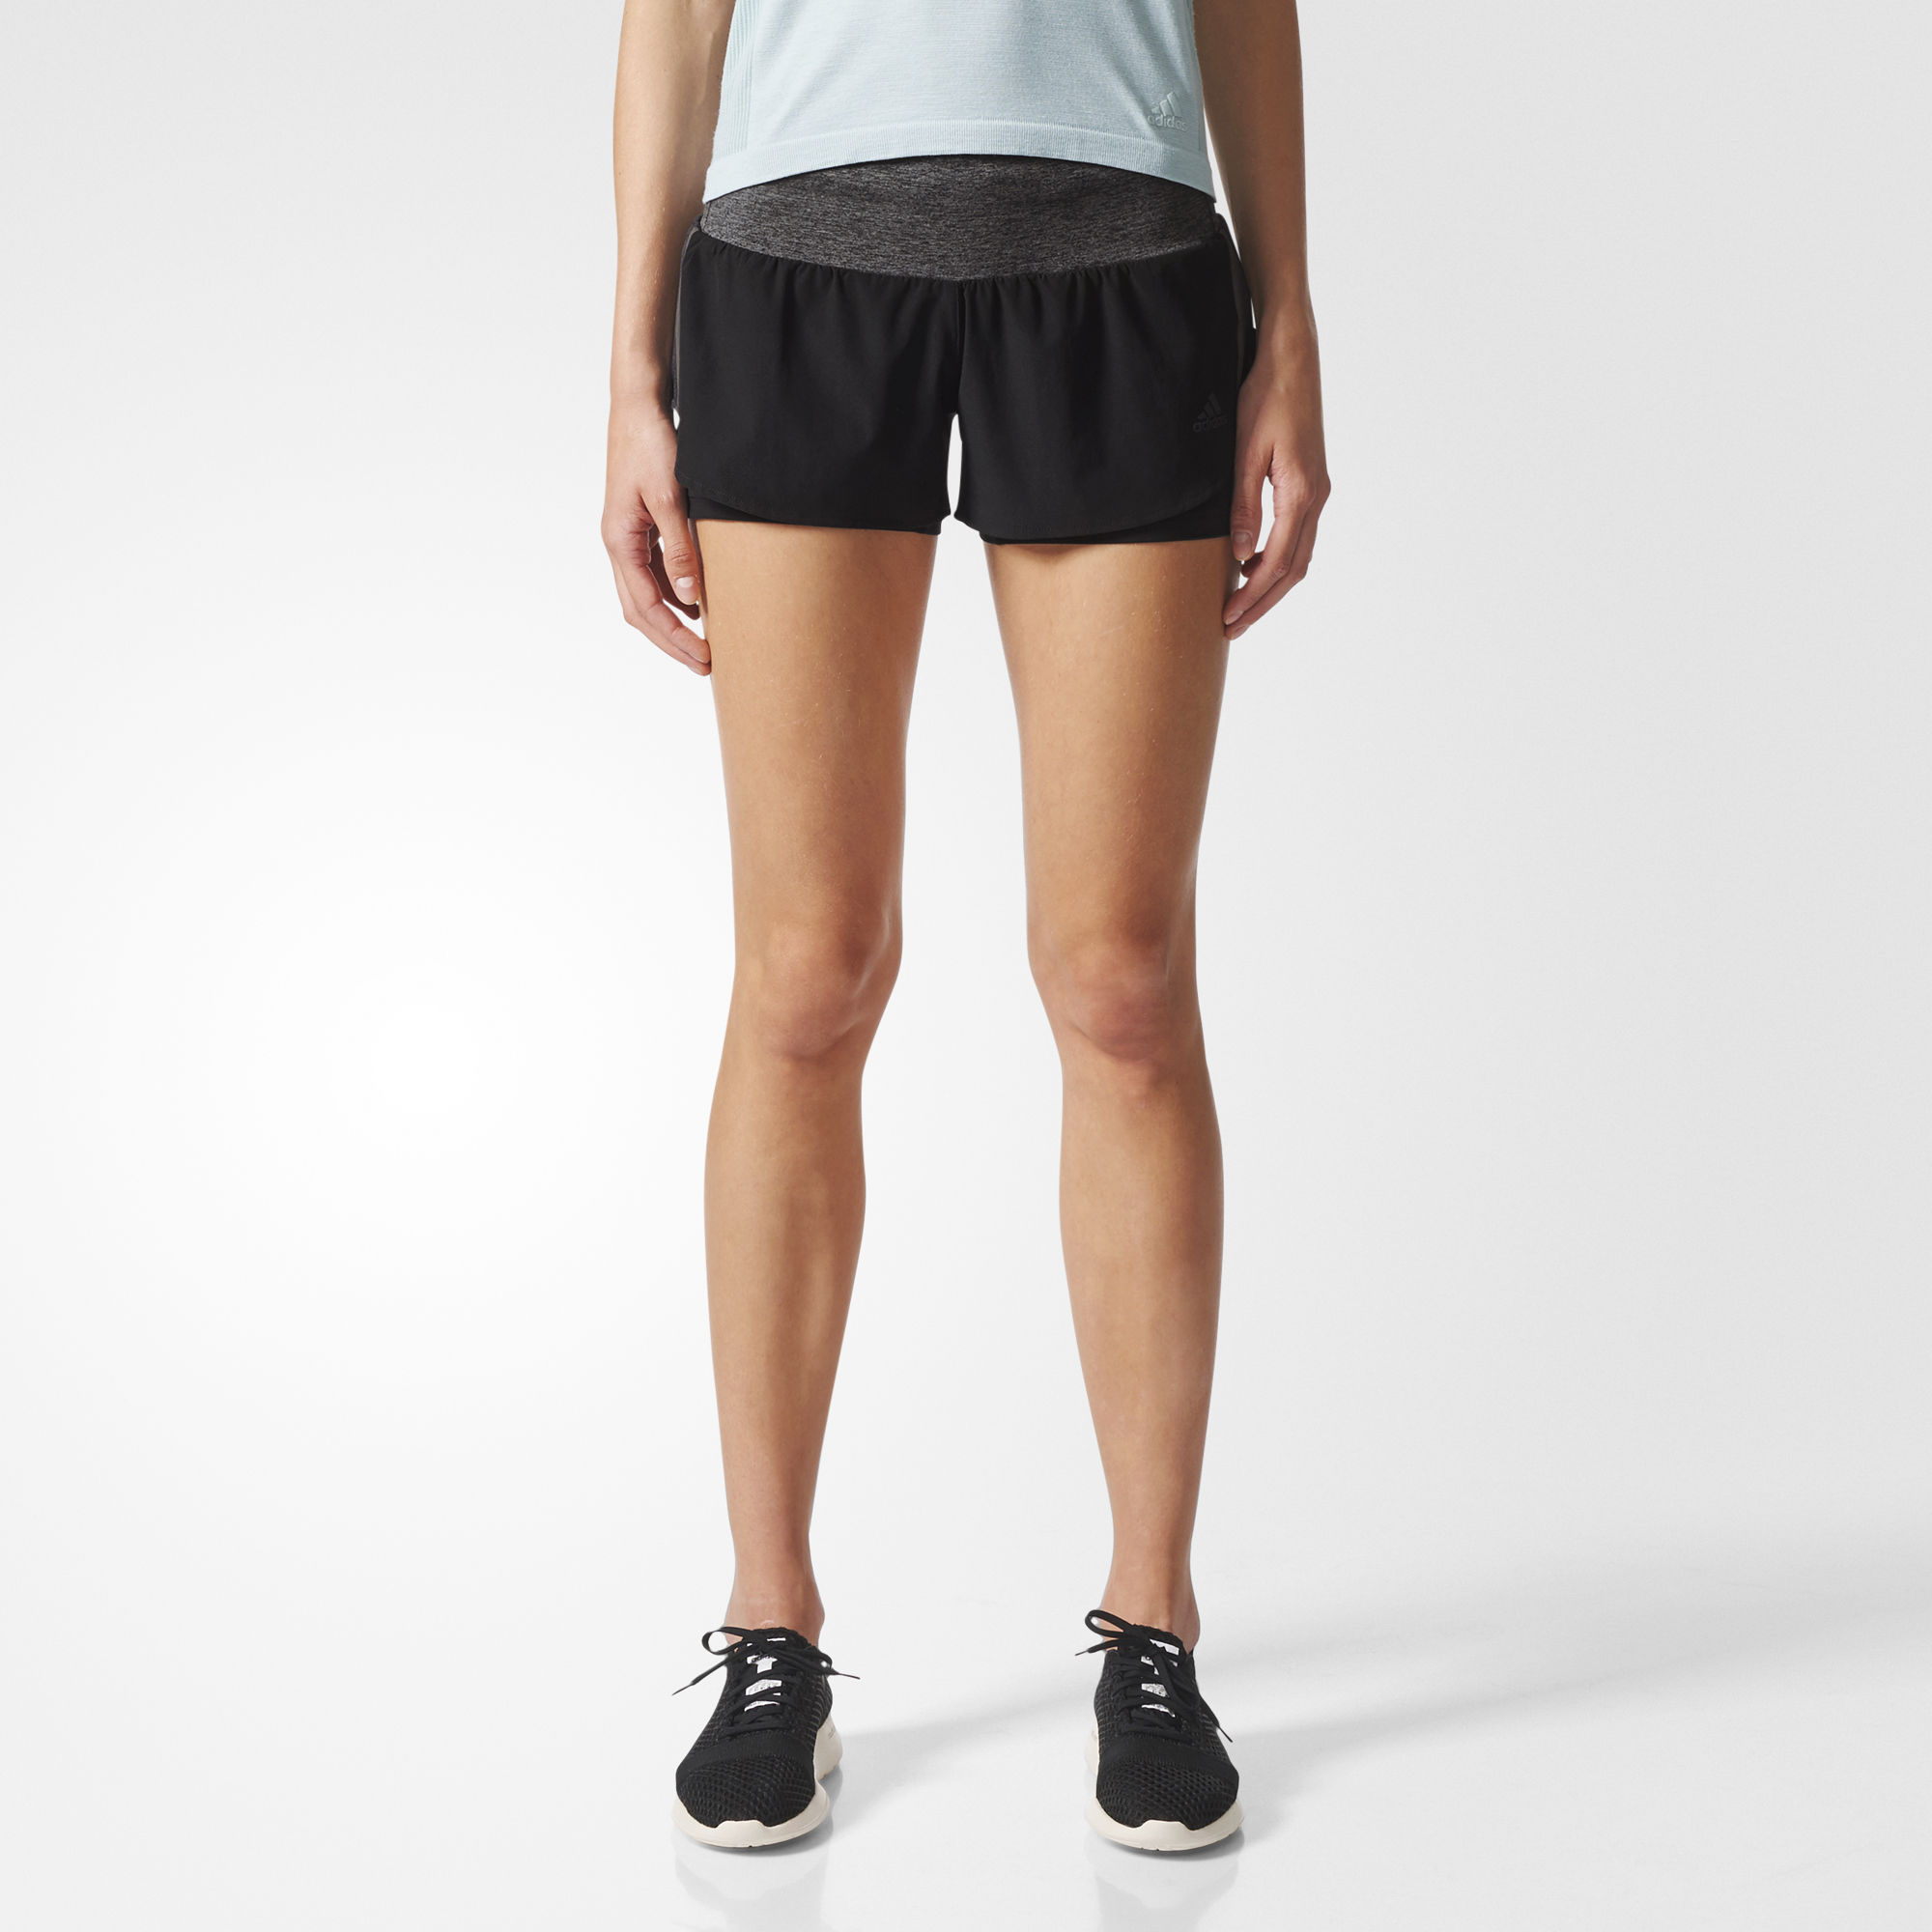 adidas Ultra Energy Shorts w in Schwarz Grau